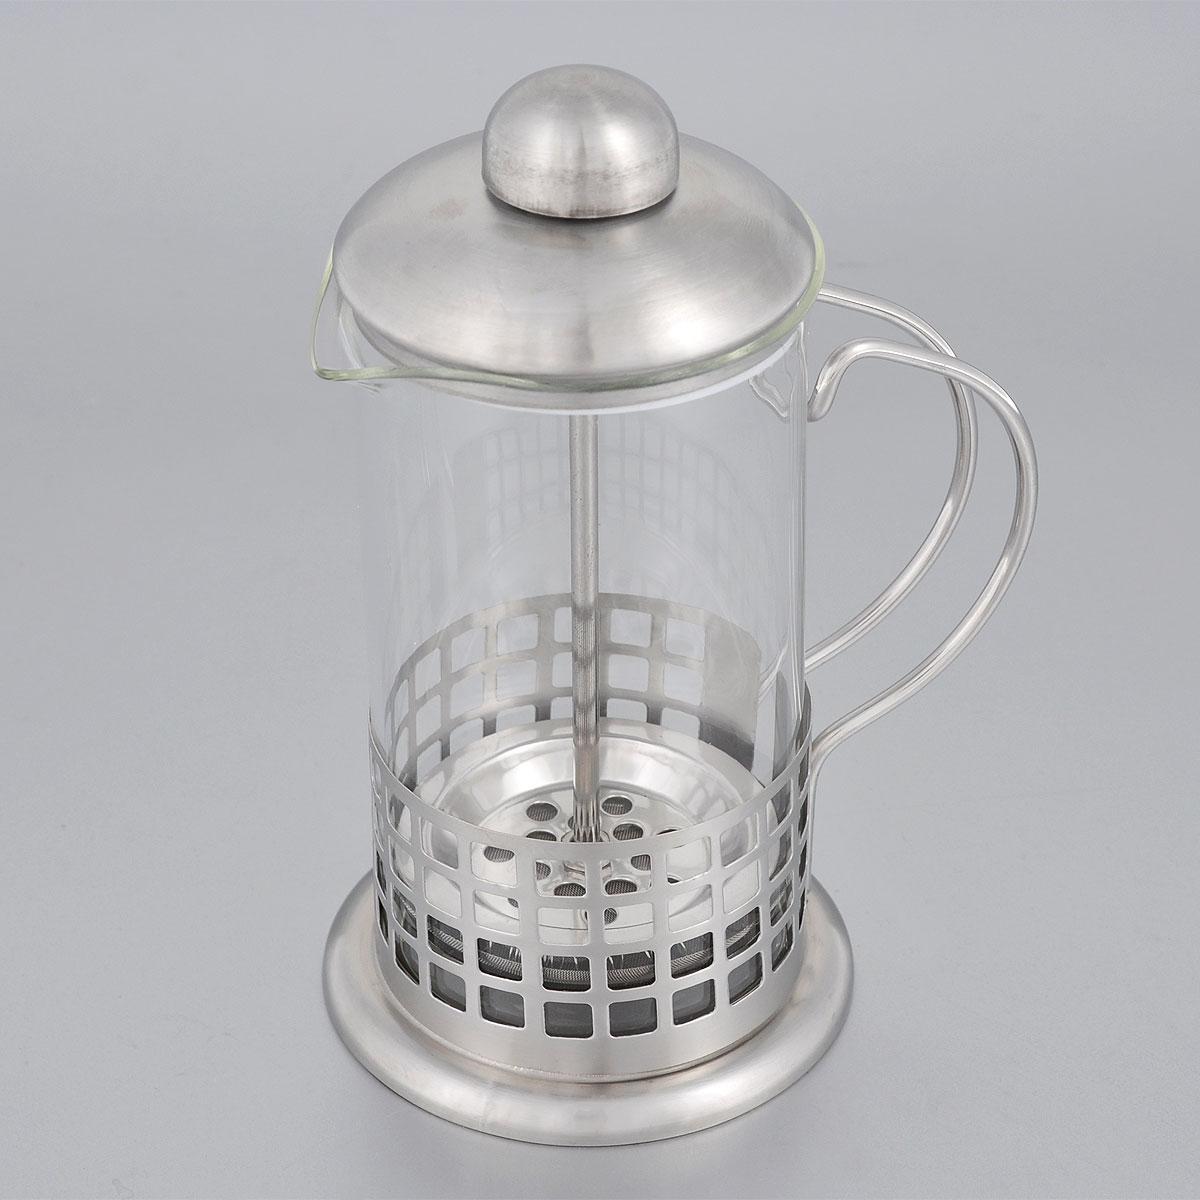 Френч-пресс Bohmann, 350 мл. 9538BH9535BHФренч-пресс Bohmann выполнен из нержавеющей стали и стекла. Отлично подходит для заваривания любых сортов кофе, без проблем справится с любым помолом кофе. Помимо кофе, во френч-прессе можно заварить чай. Наружная крышка из нержавеющей стали. Подходит для использования в посудомоечной машине. Объем: 350 мл. Диаметр (по верхнему краю): 7,5 см Высота: 18 см